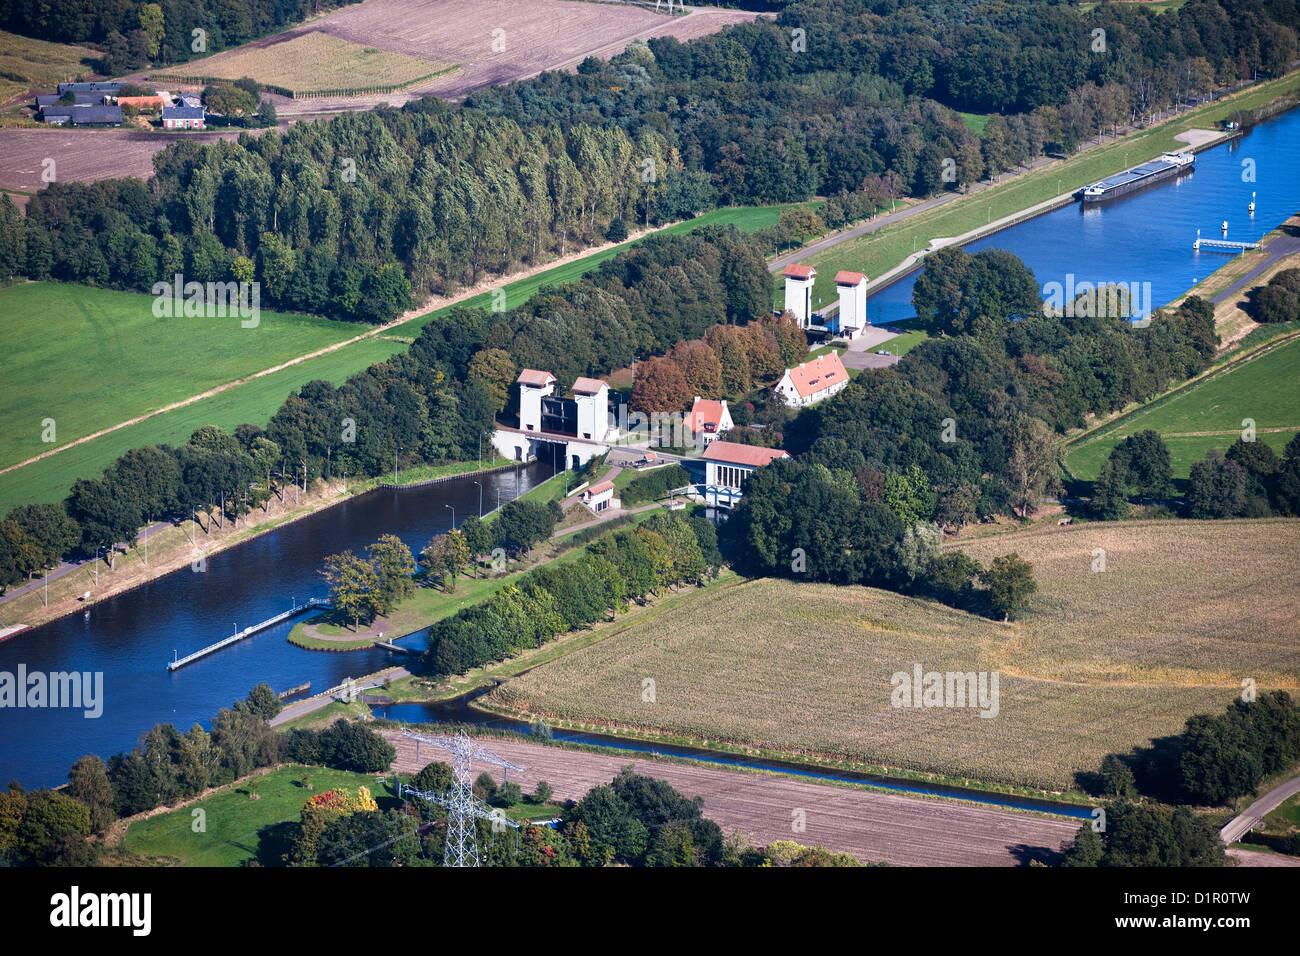 The Netherlands, Delden, Locks in canal called Twentekanaal. Aerial. - Stock Image